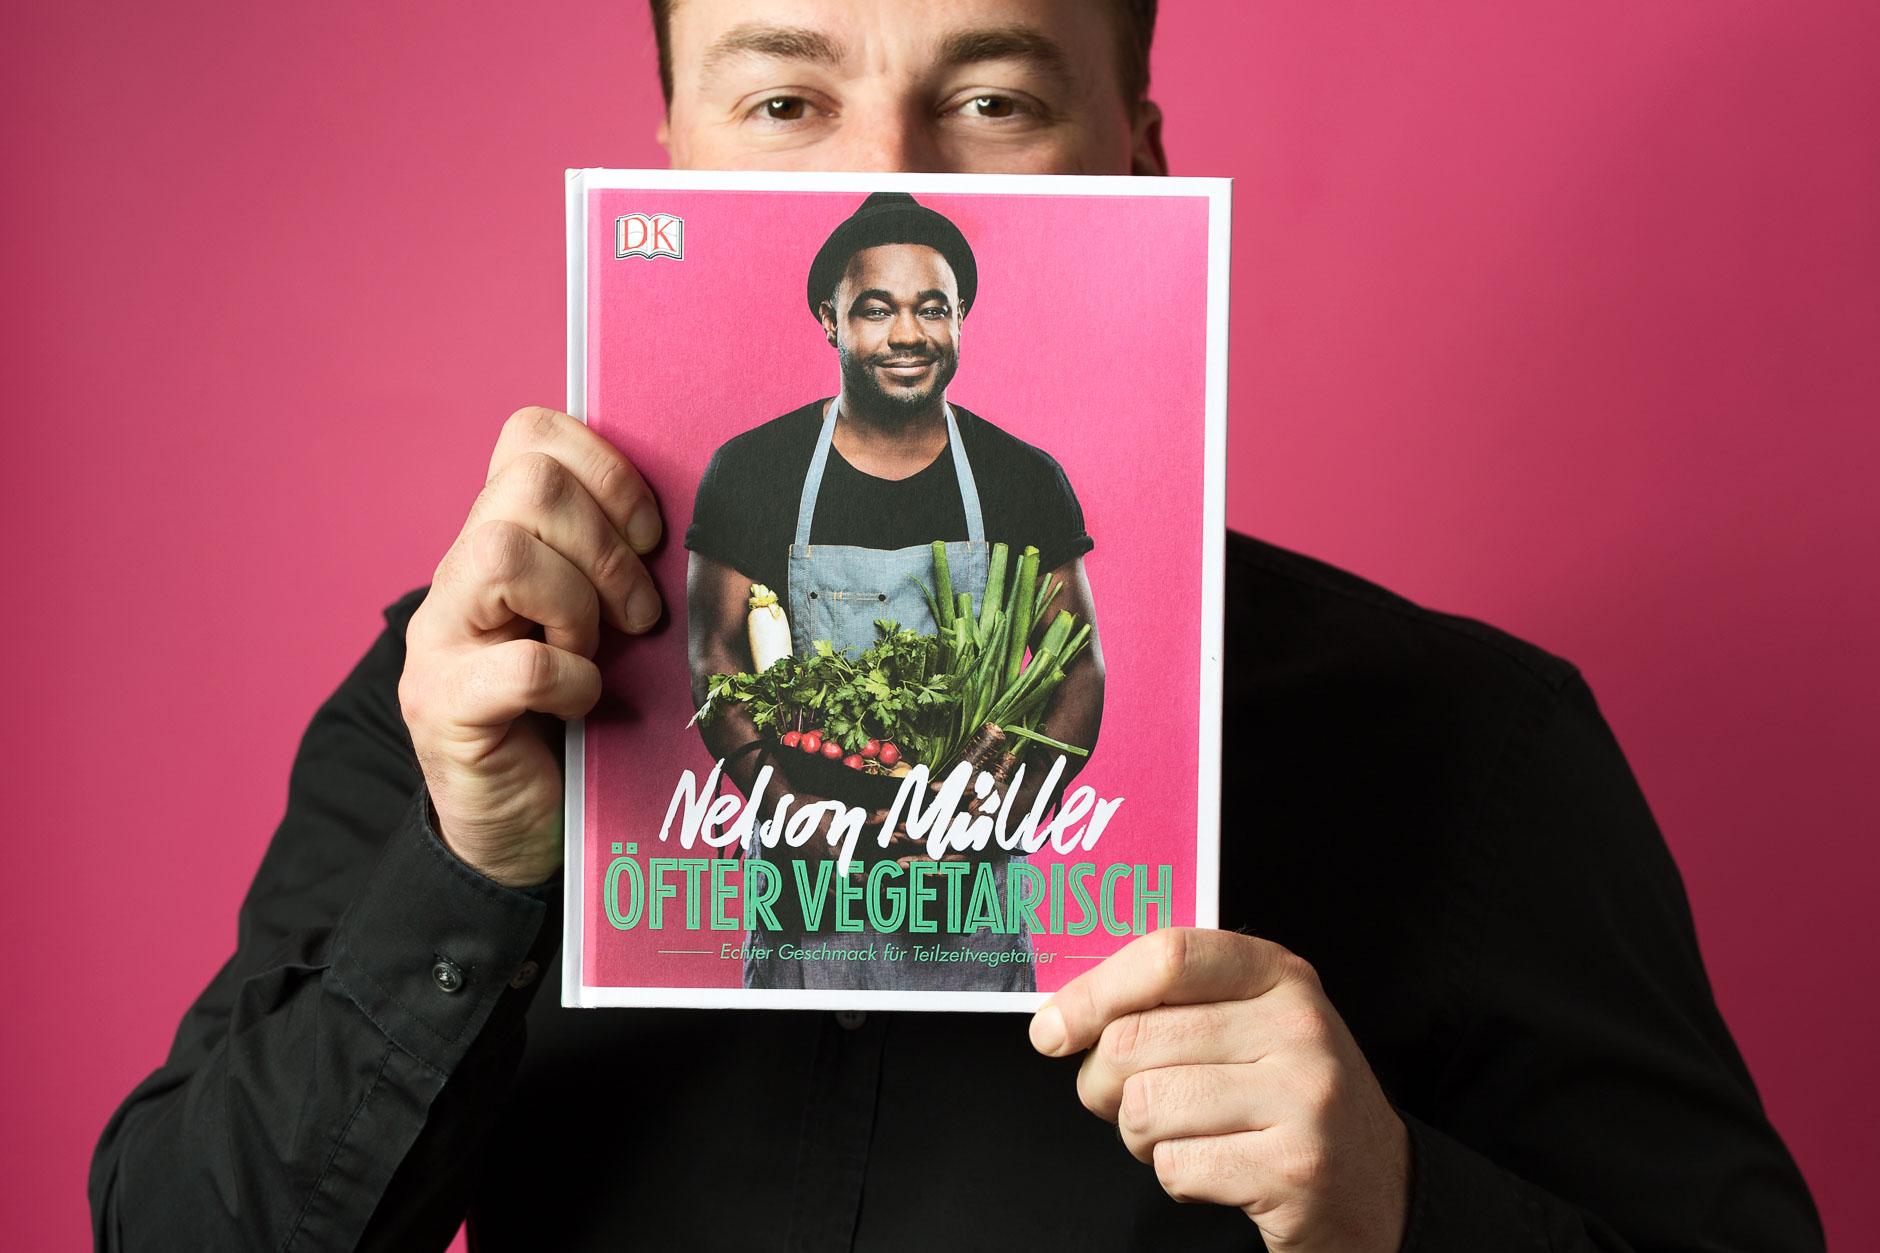 Der Fotograf und ein Kochbuch